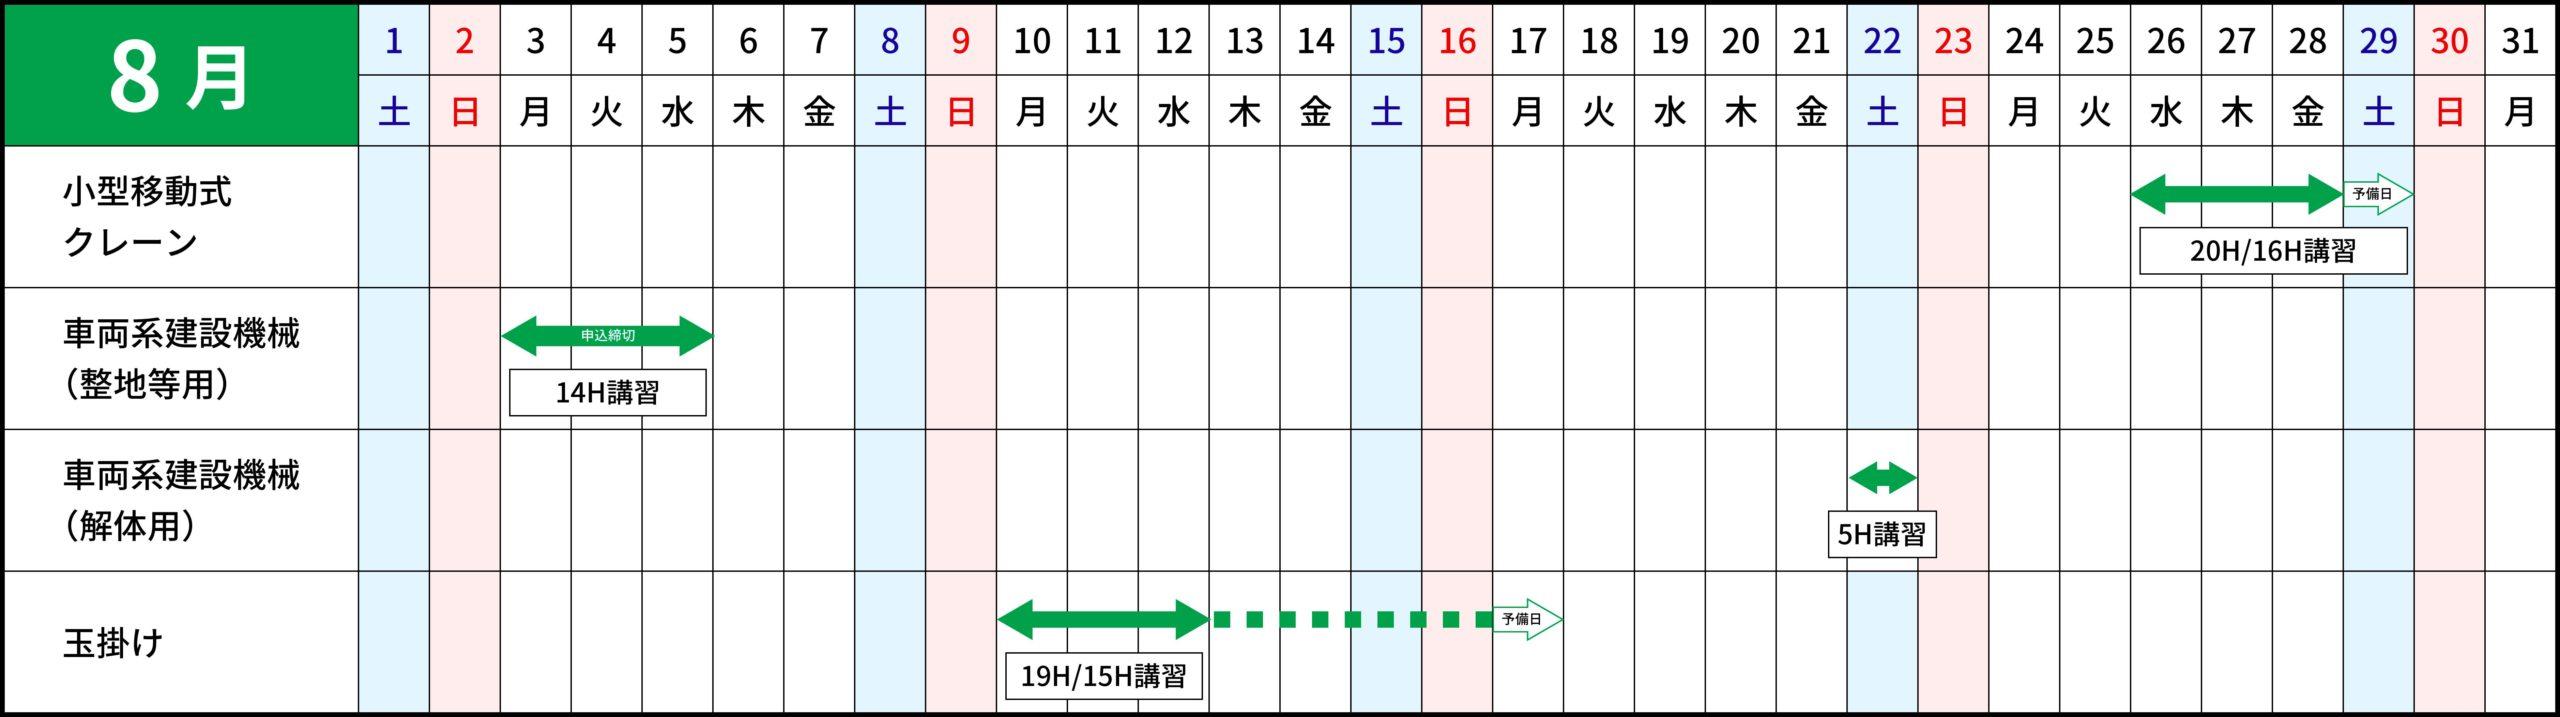 8月スケジュール_4